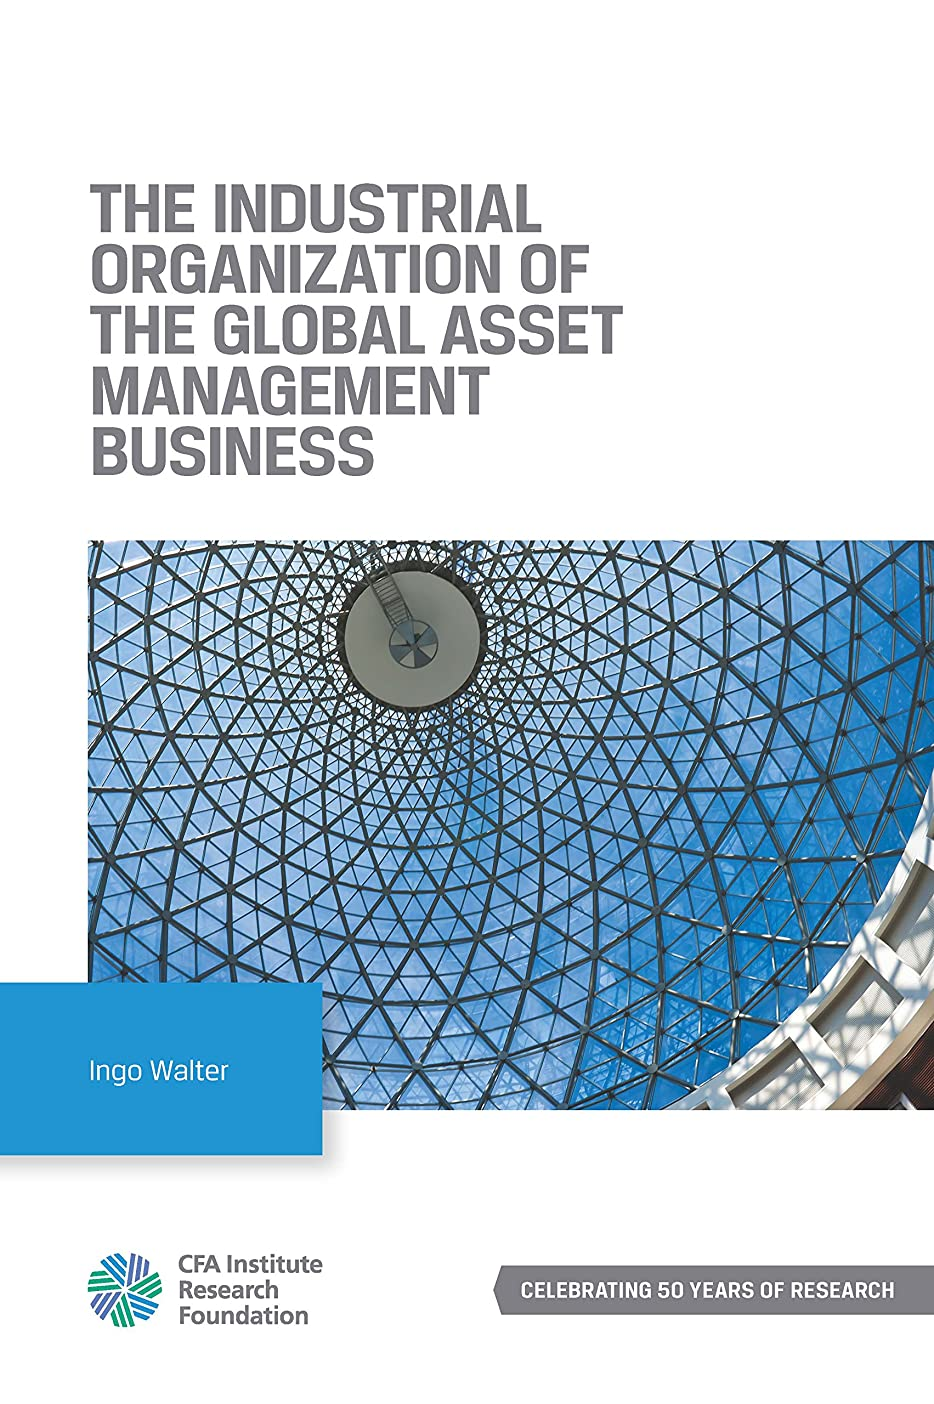 シーフード早い入学するThe Industrial Organization of the Global Asset Management Business (English Edition)